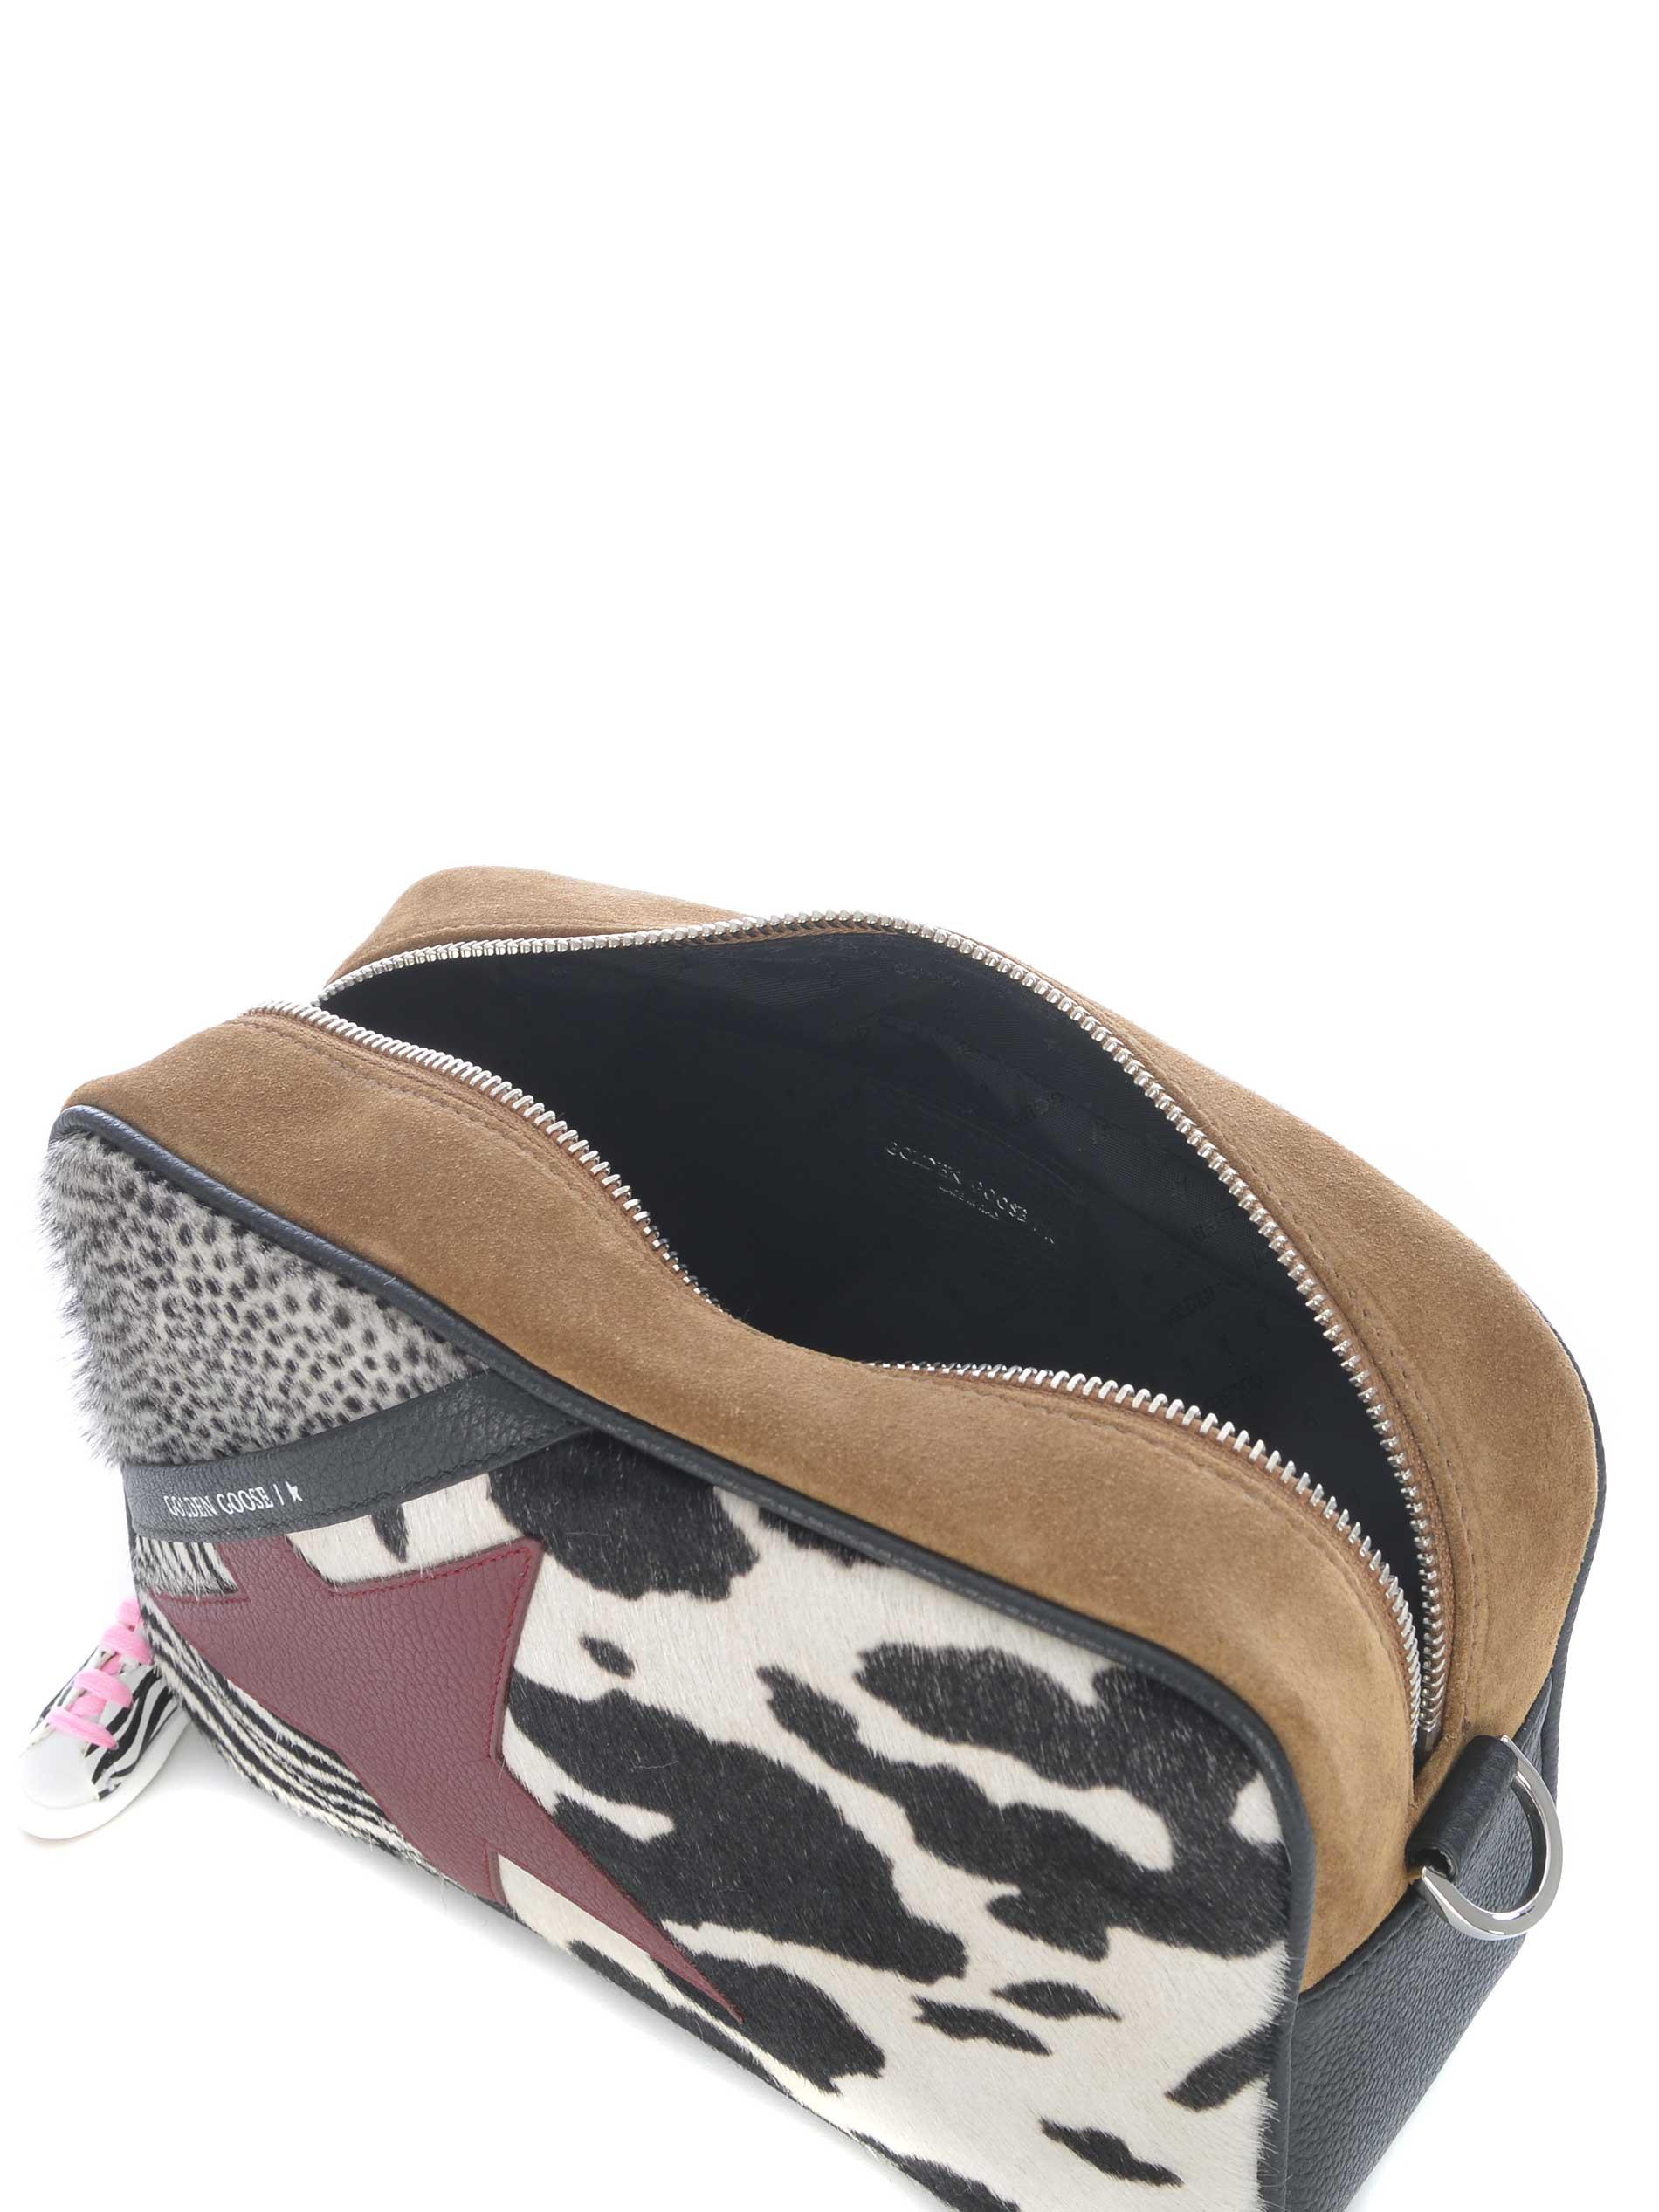 Borsetta a tracolla Golden Goose Star Bag in pelle GOLDEN GOOSE | 5032268 | GWA00101A000267-81331